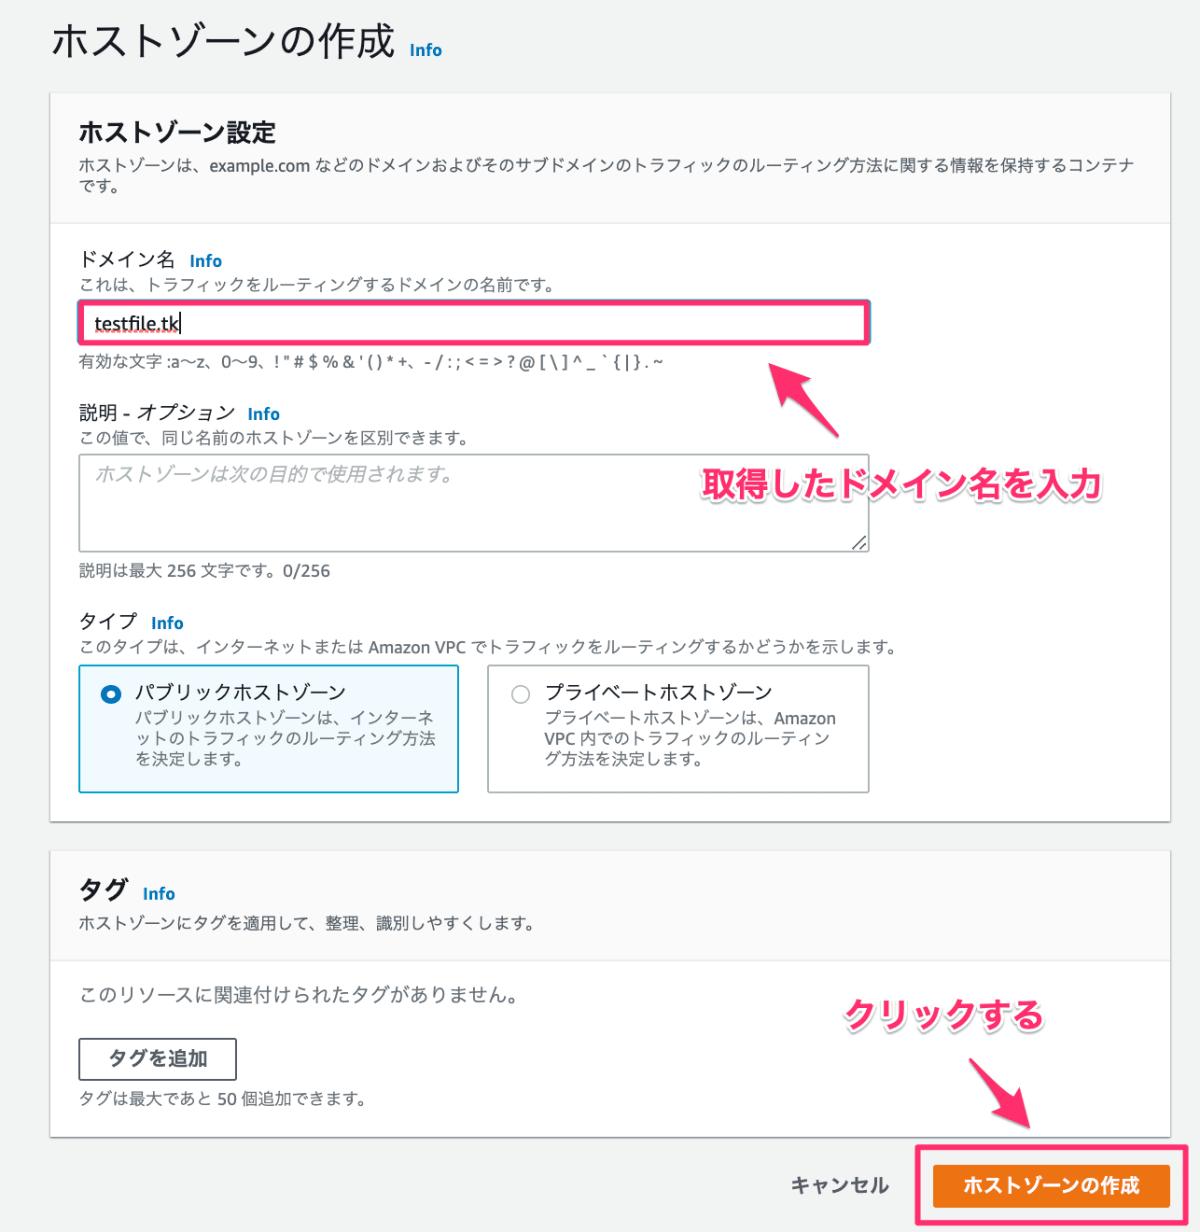 スクリーンショット_2021-06-14_14_01_42.png